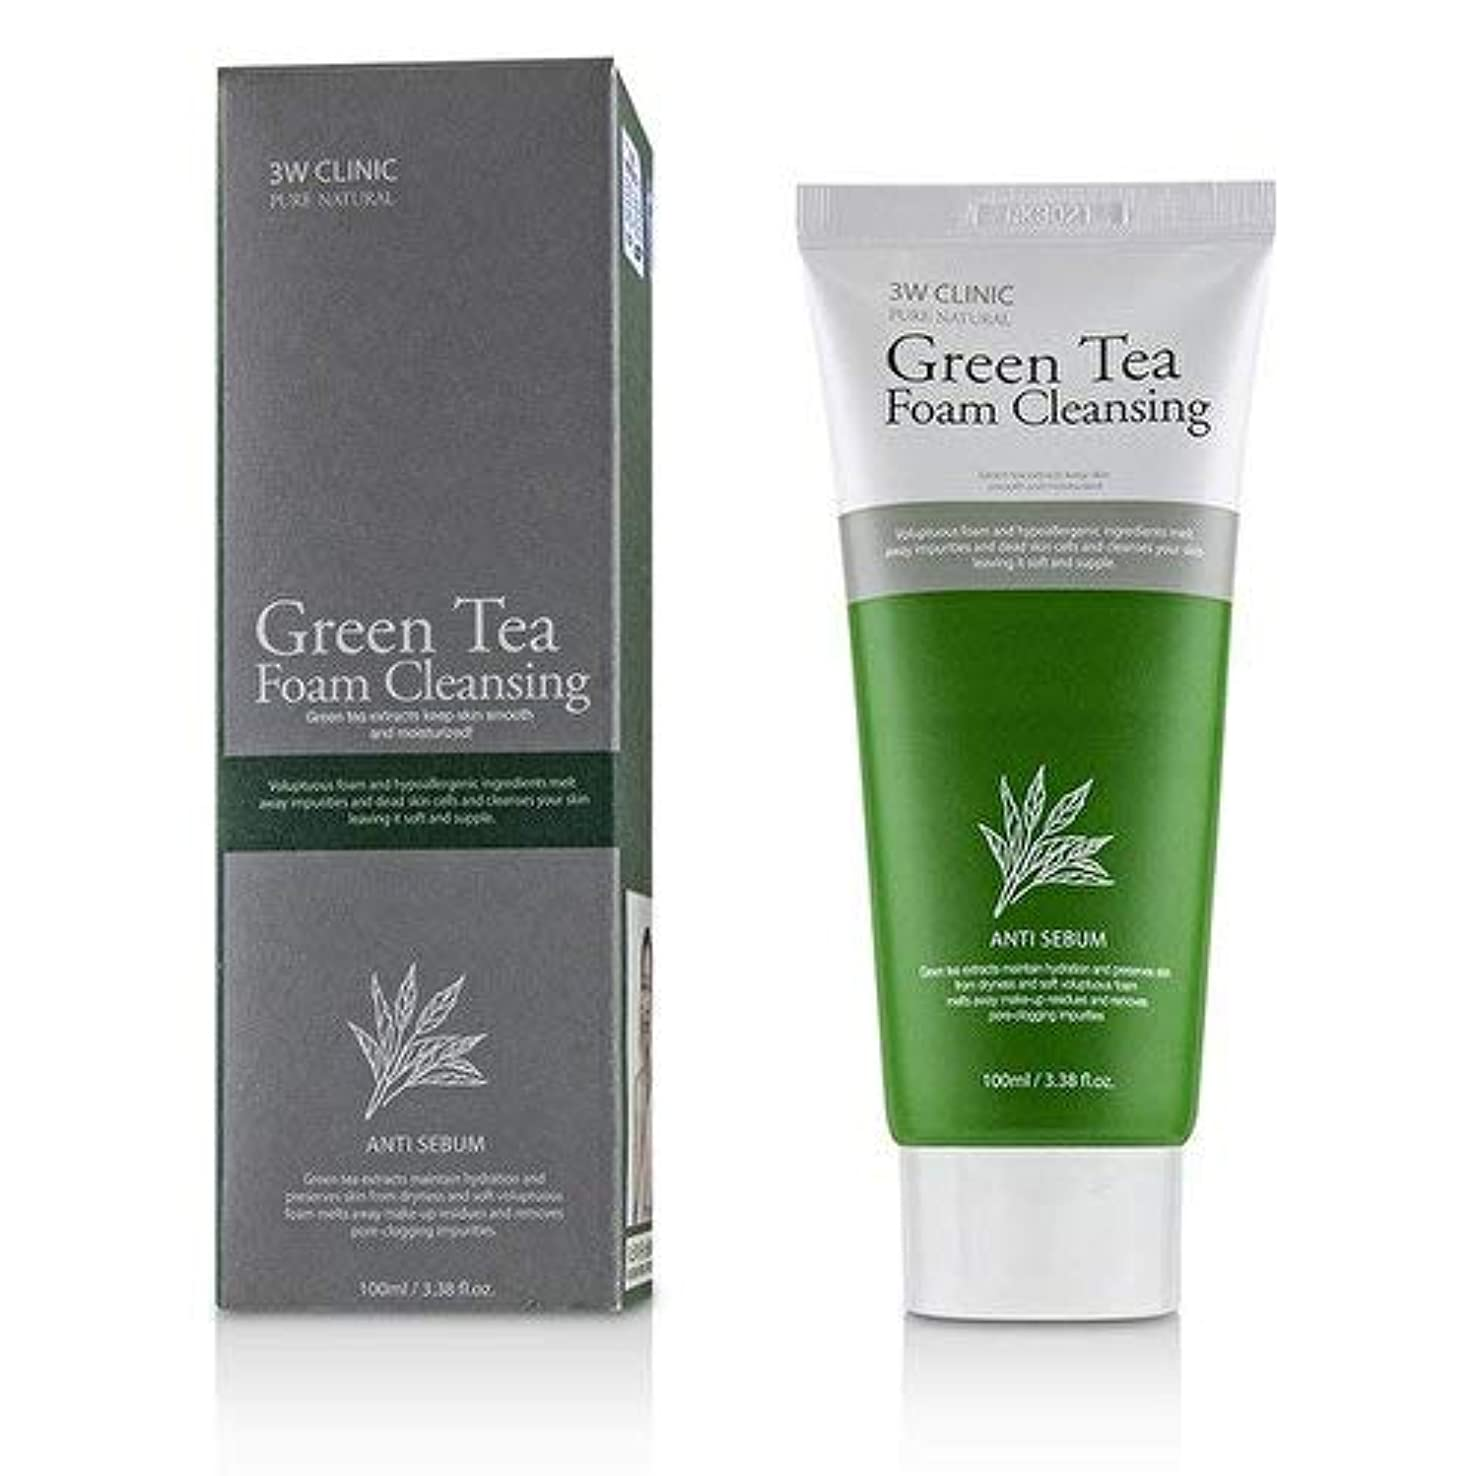 地中海おしゃれな寛大さ3Wクリニック Green Tea Foam Cleansing 100ml/3.38oz並行輸入品